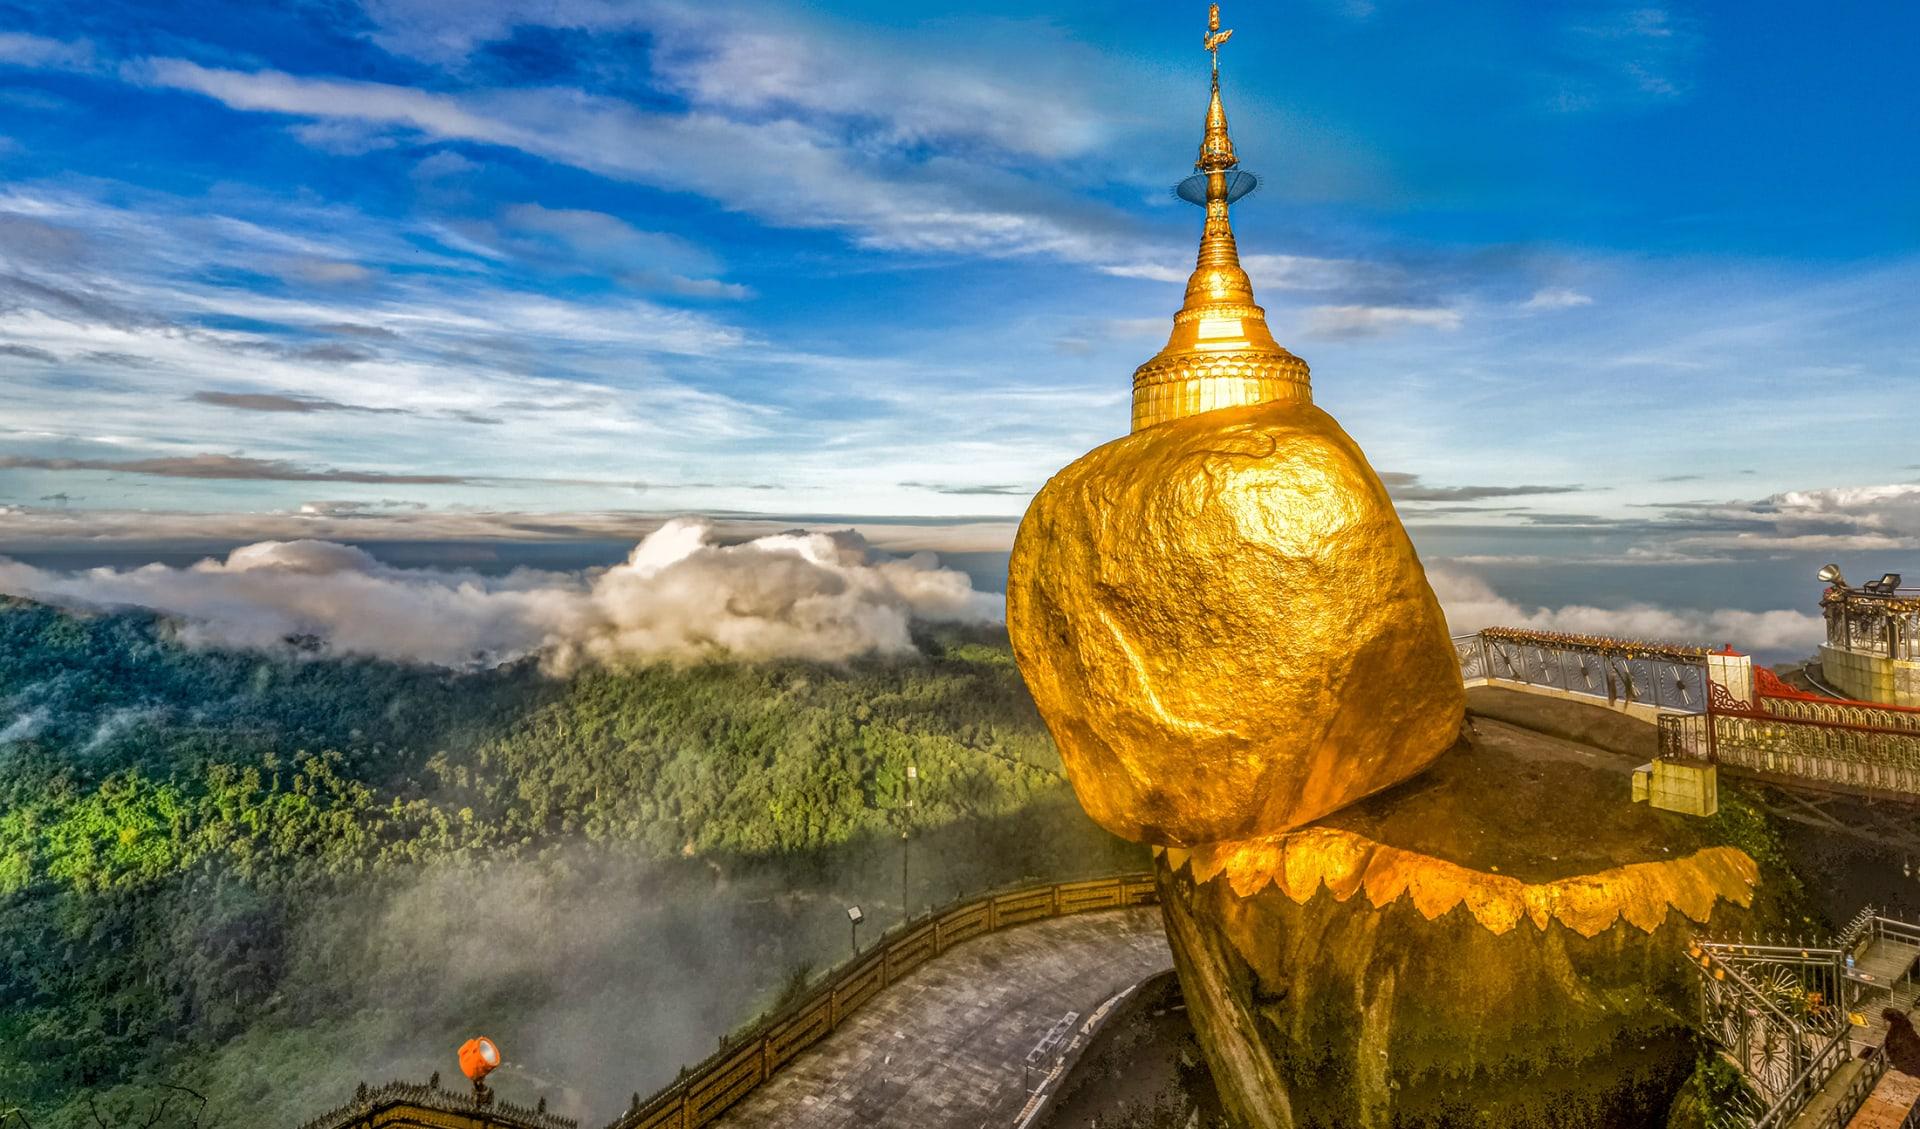 Kyaiktiyo Pagoda, Burma